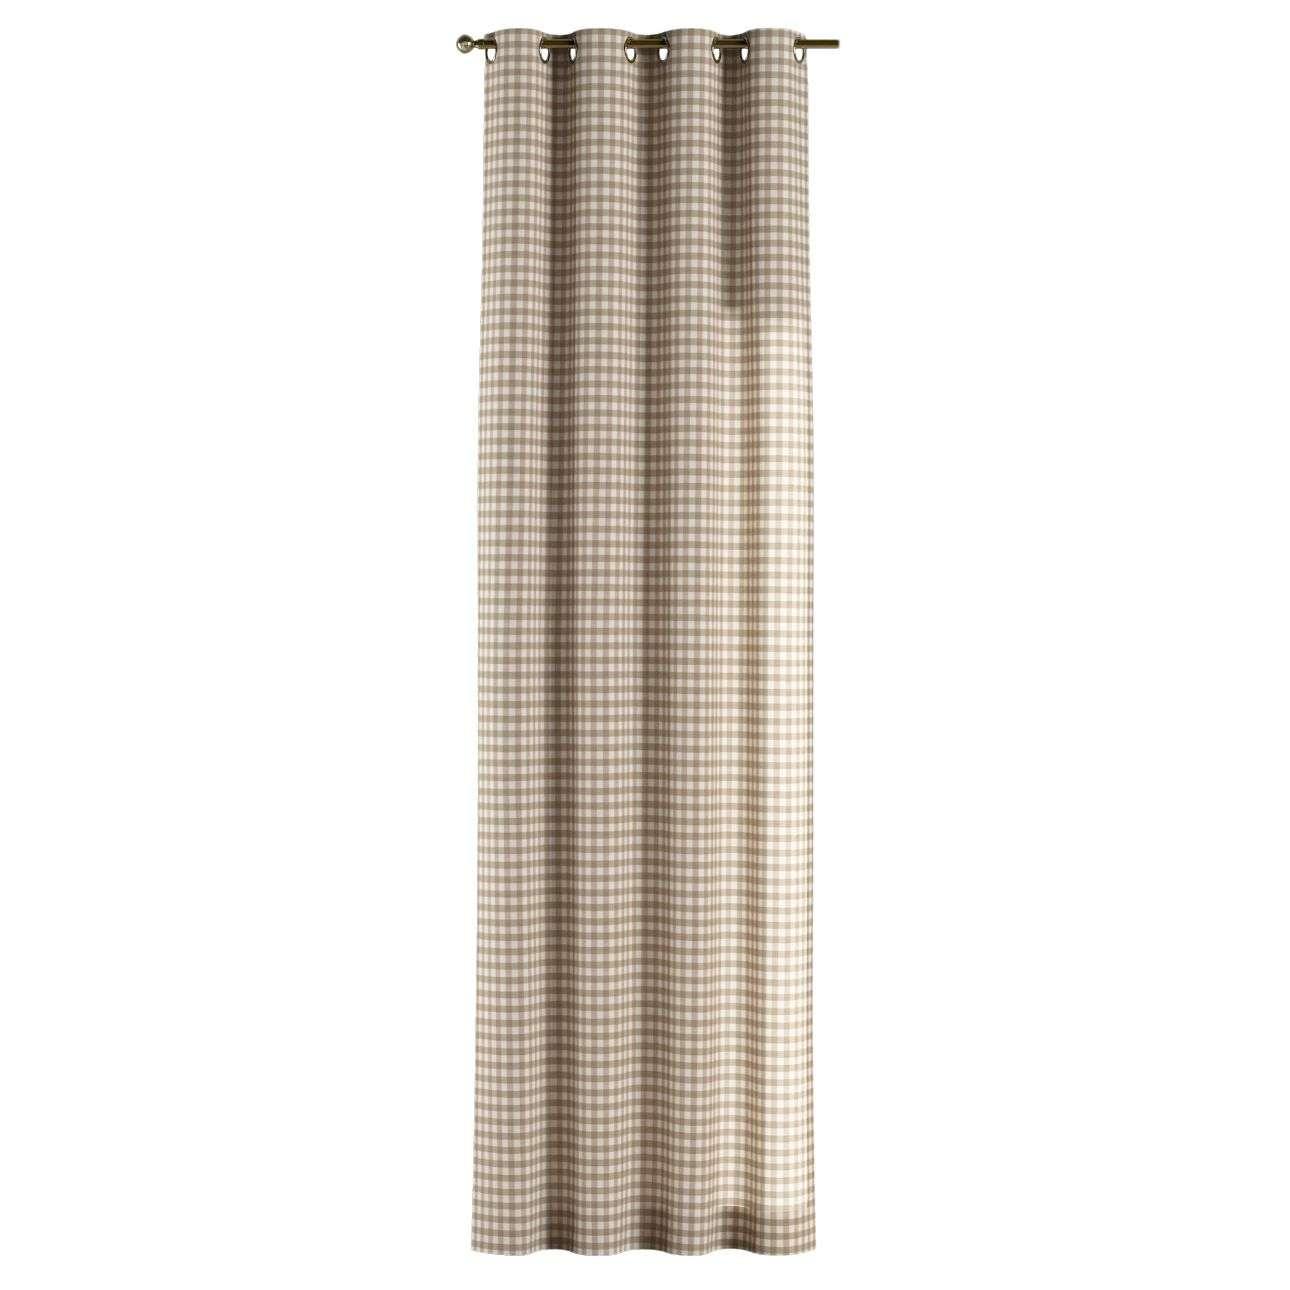 Žiedinio klostavimo užuolaidos 130 x 260 cm (plotis x ilgis) kolekcijoje Quadro, audinys: 136-06